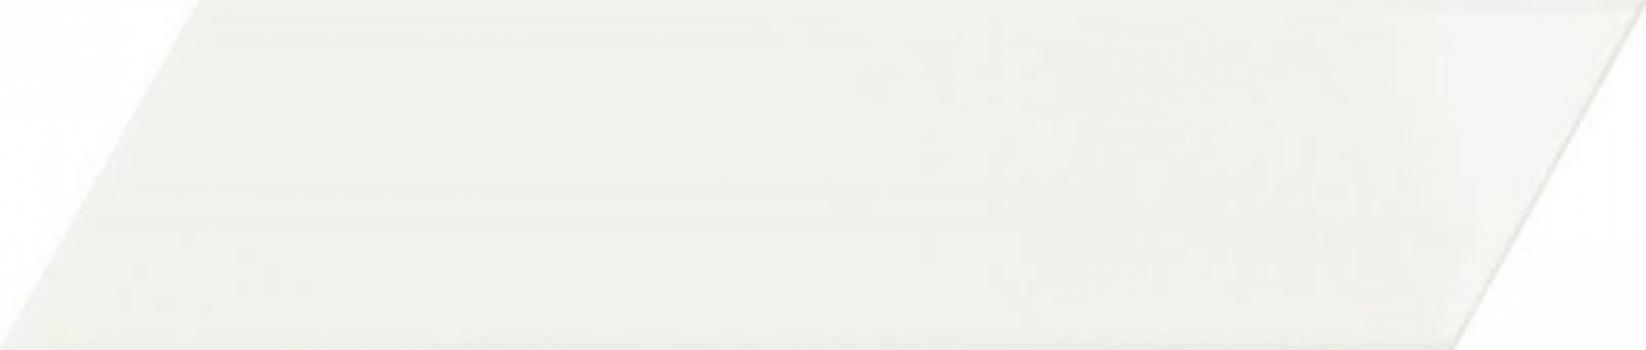 плитка настенная chevron white left 6,4x26 см CEVICA White Left